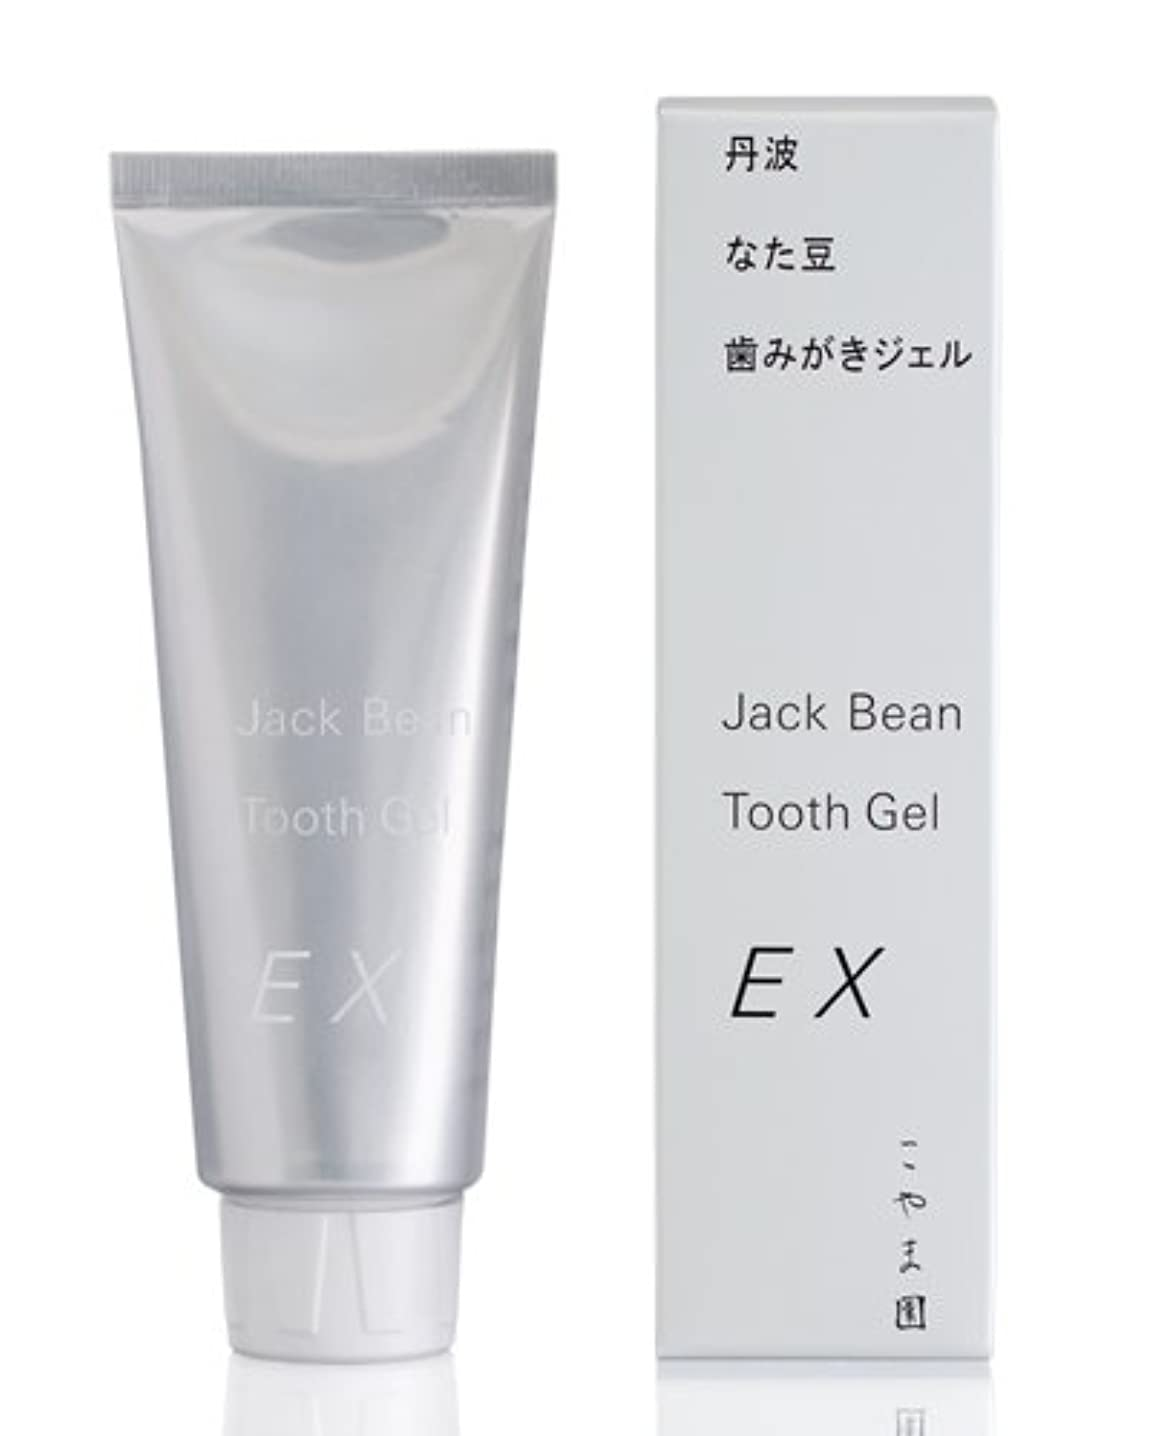 スタッフ暗唱する処理こやま園 丹波なた豆歯みがきジェルEX 120g